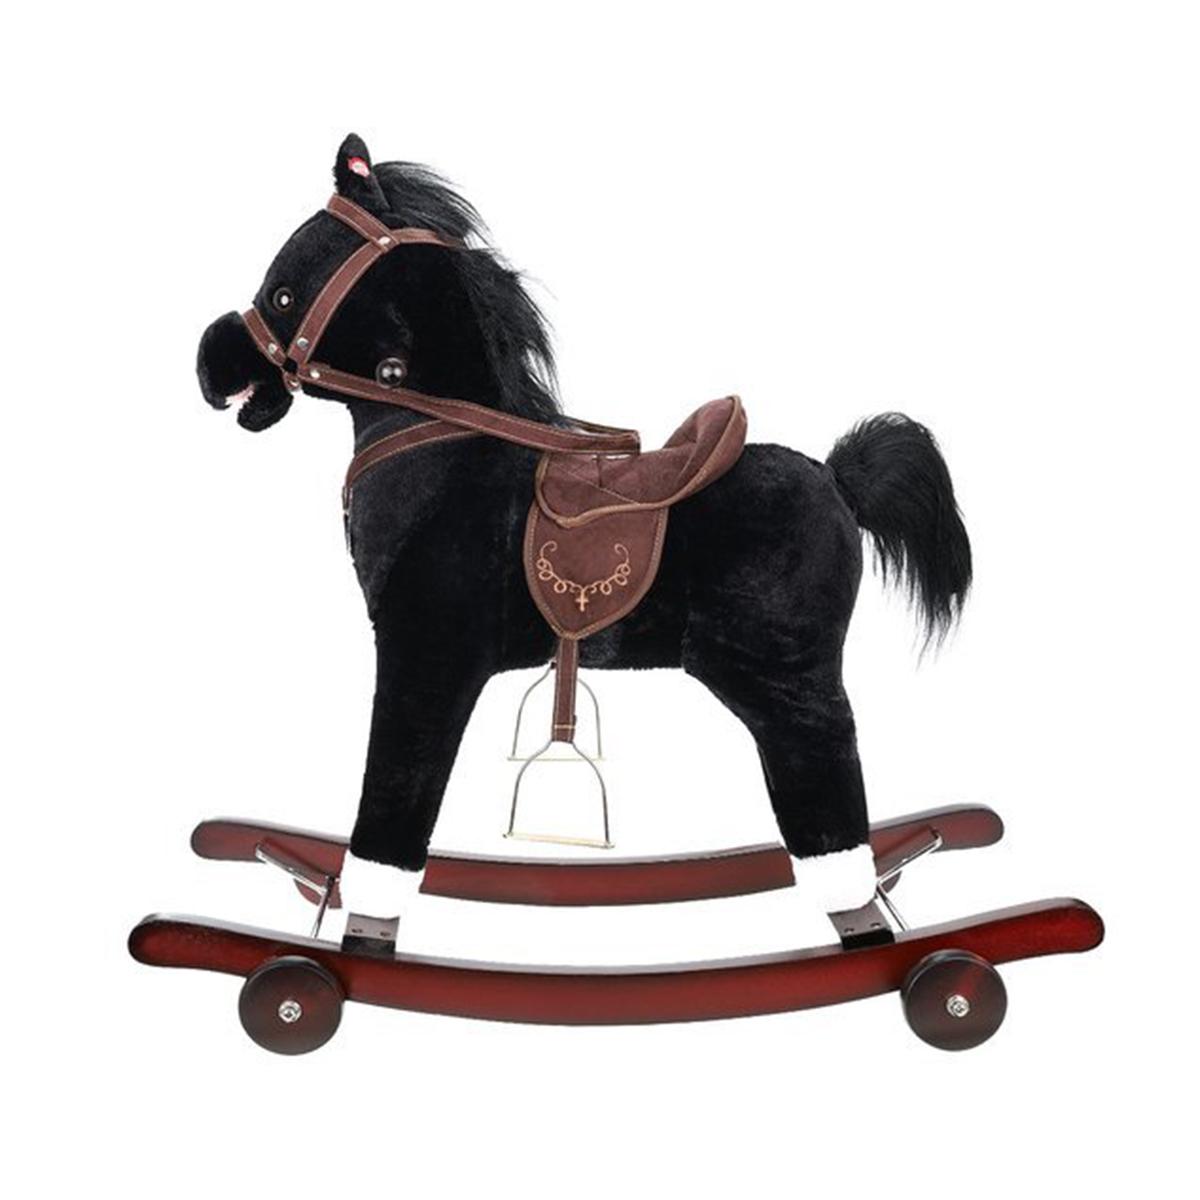 Hojdací koník a odrážadlo s kolieskami 2v1   čierny Kruzzel, tlačidlo pre príjemnú hudbu v ušiach koníka, vhodné od 3+ rokov dieťaťa.